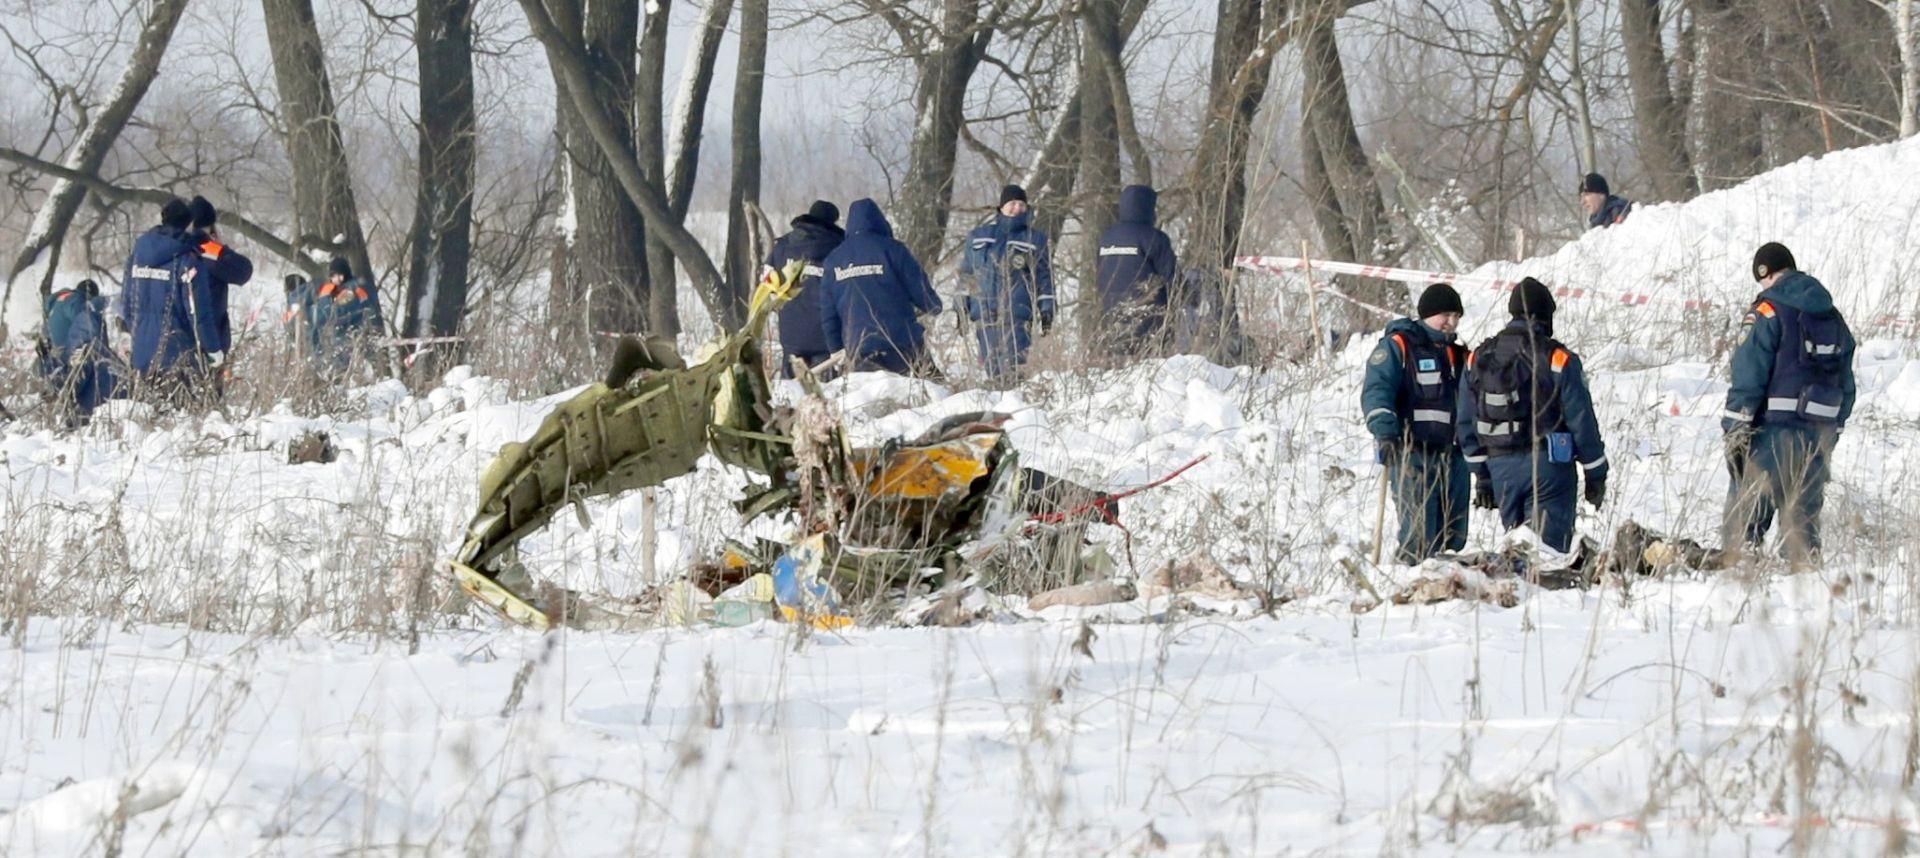 Ruski zrakoplov eksplodirao je na tlu, odbačena mogućnost terorizma